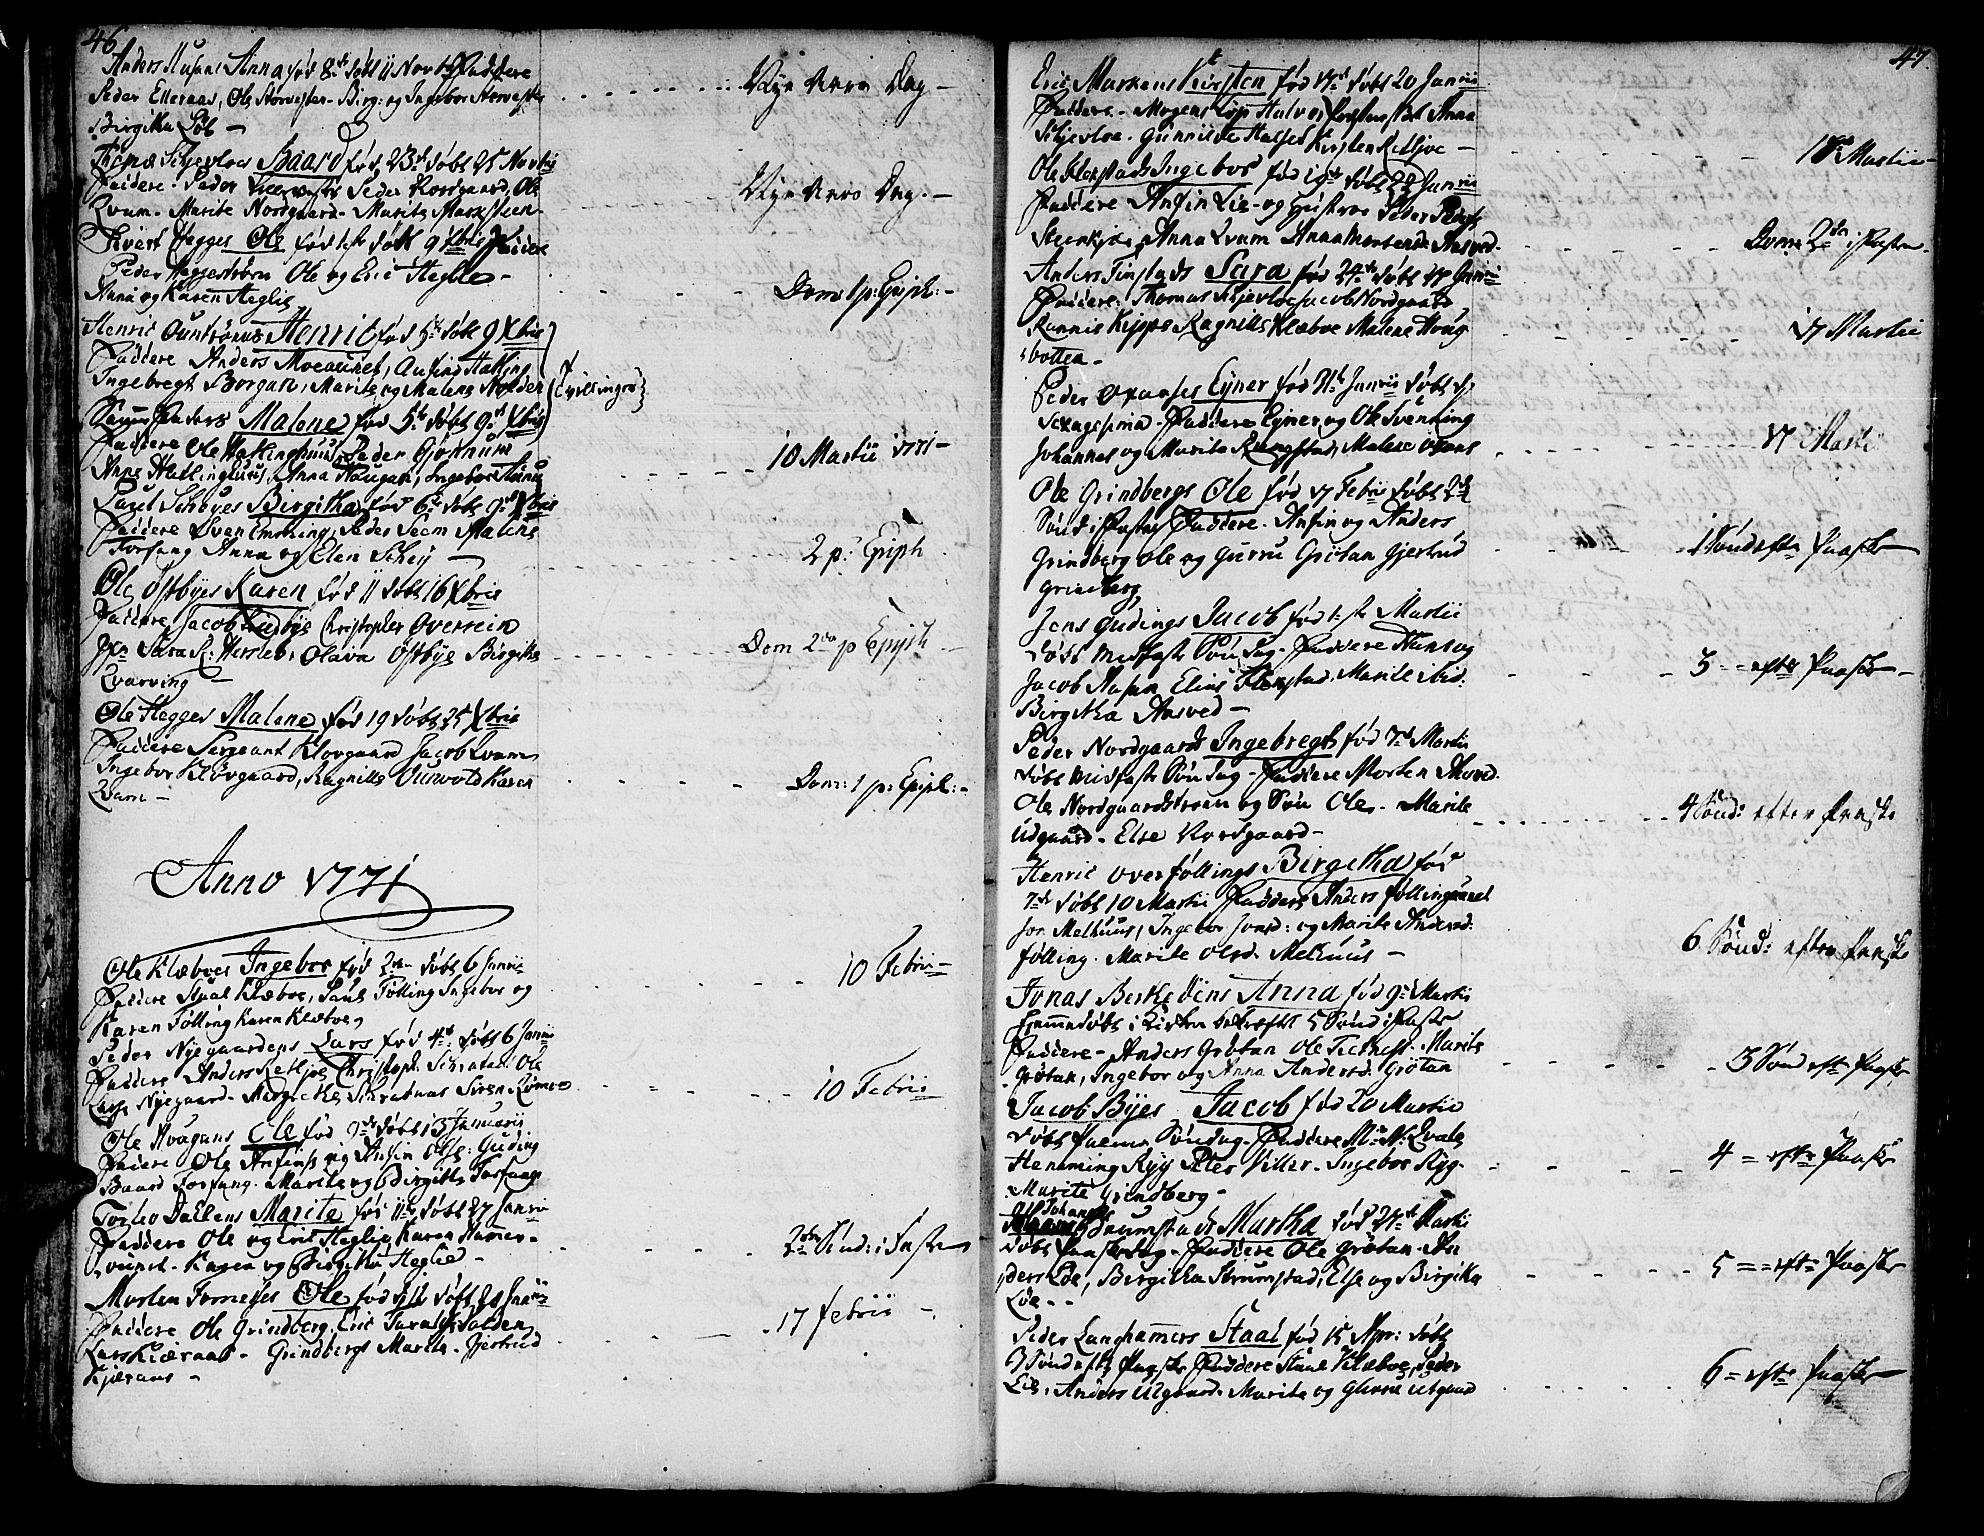 SAT, Ministerialprotokoller, klokkerbøker og fødselsregistre - Nord-Trøndelag, 746/L0440: Ministerialbok nr. 746A02, 1760-1815, s. 46-47